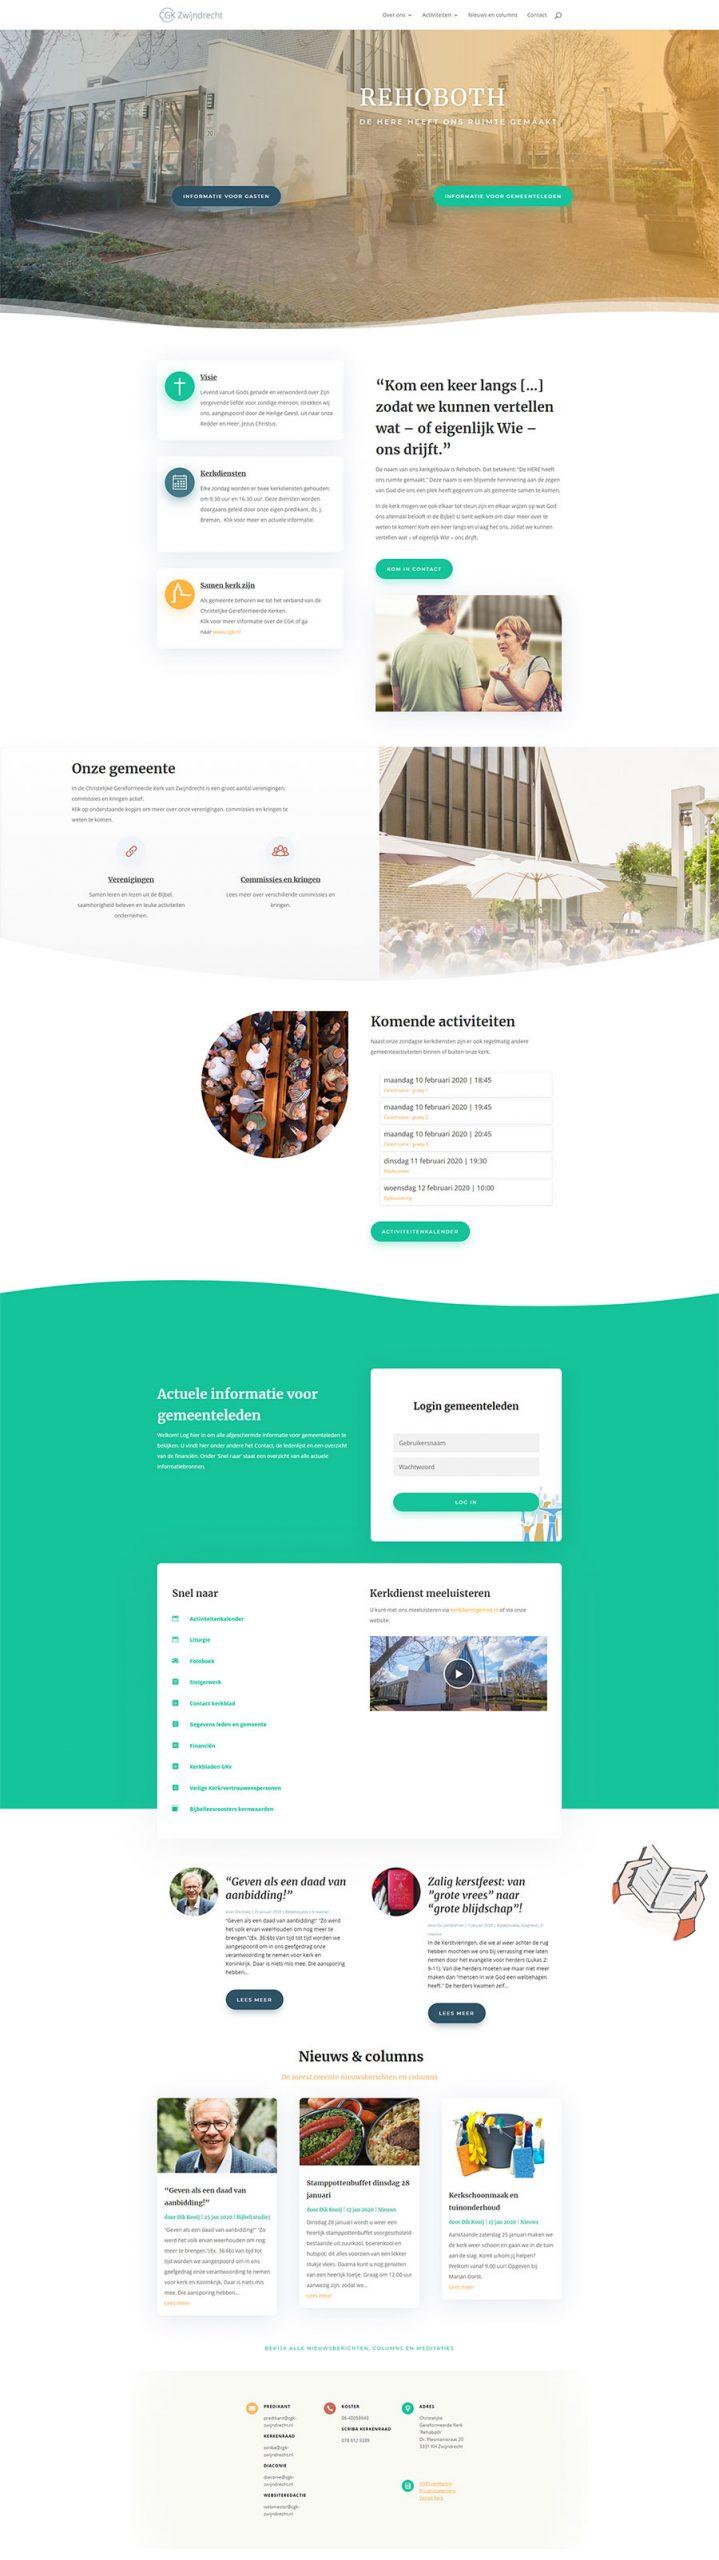 cgk-zwijndrecht-nl-homepage